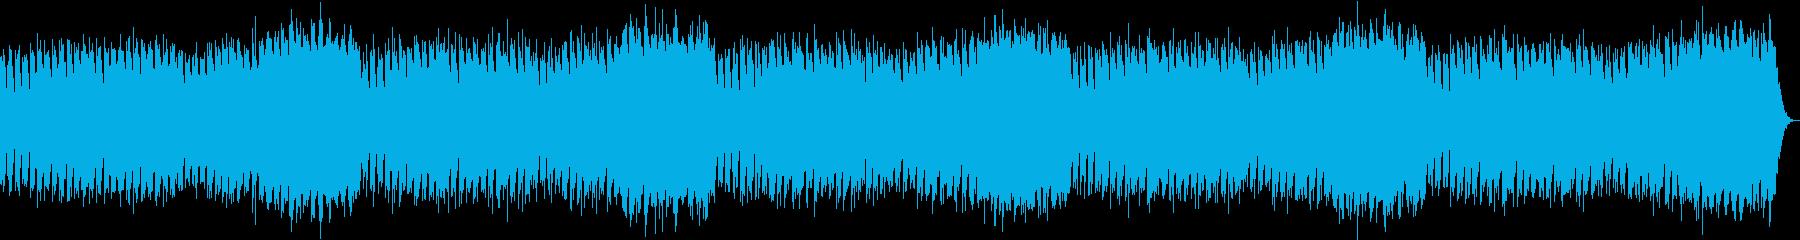 神秘的な雰囲気のチルアウトの再生済みの波形